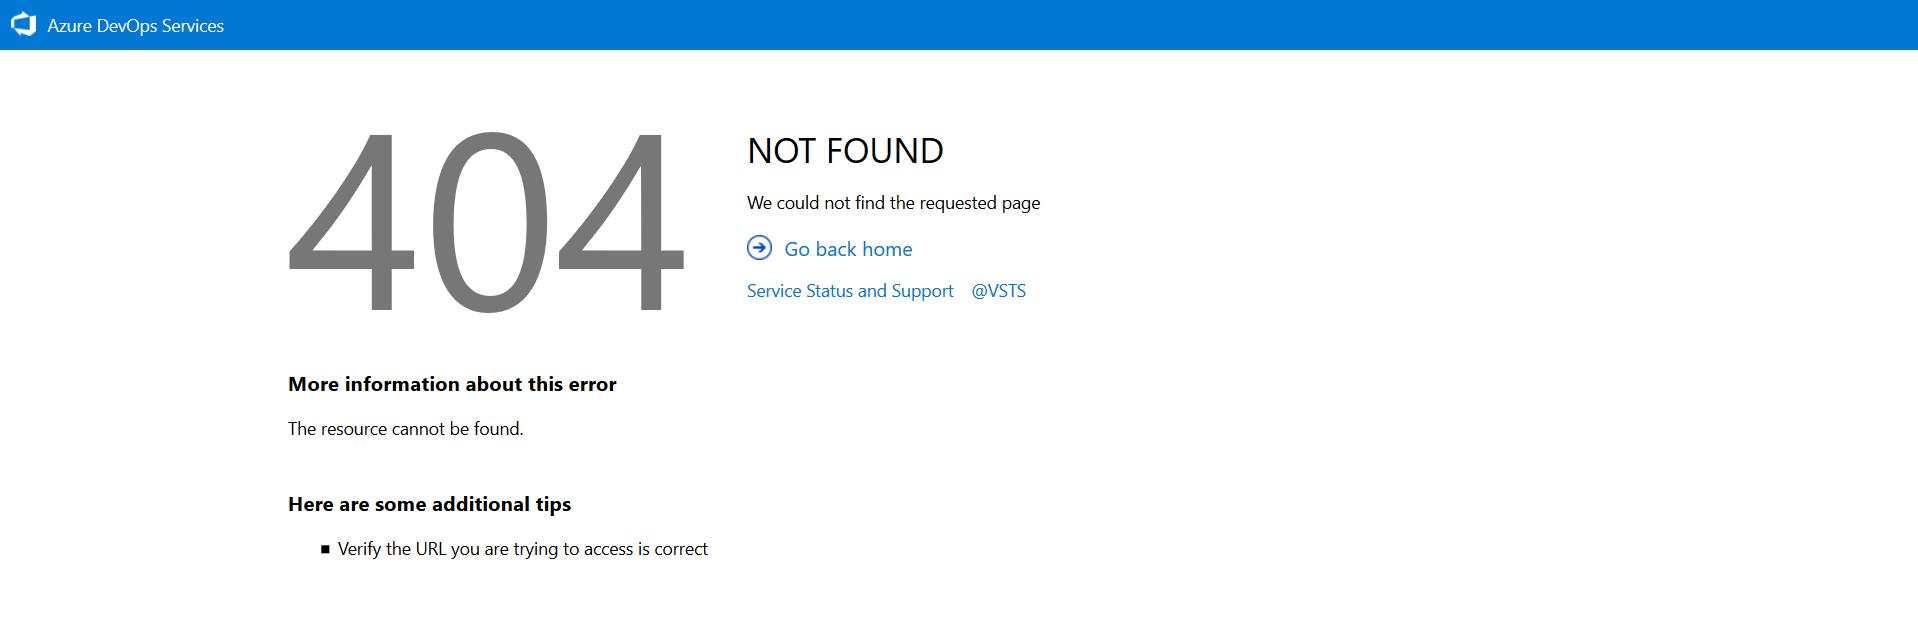 解决 Python3 - Scrapy 安装失败,错误代码:error: Microsoft Visual C++ 14.0 is required